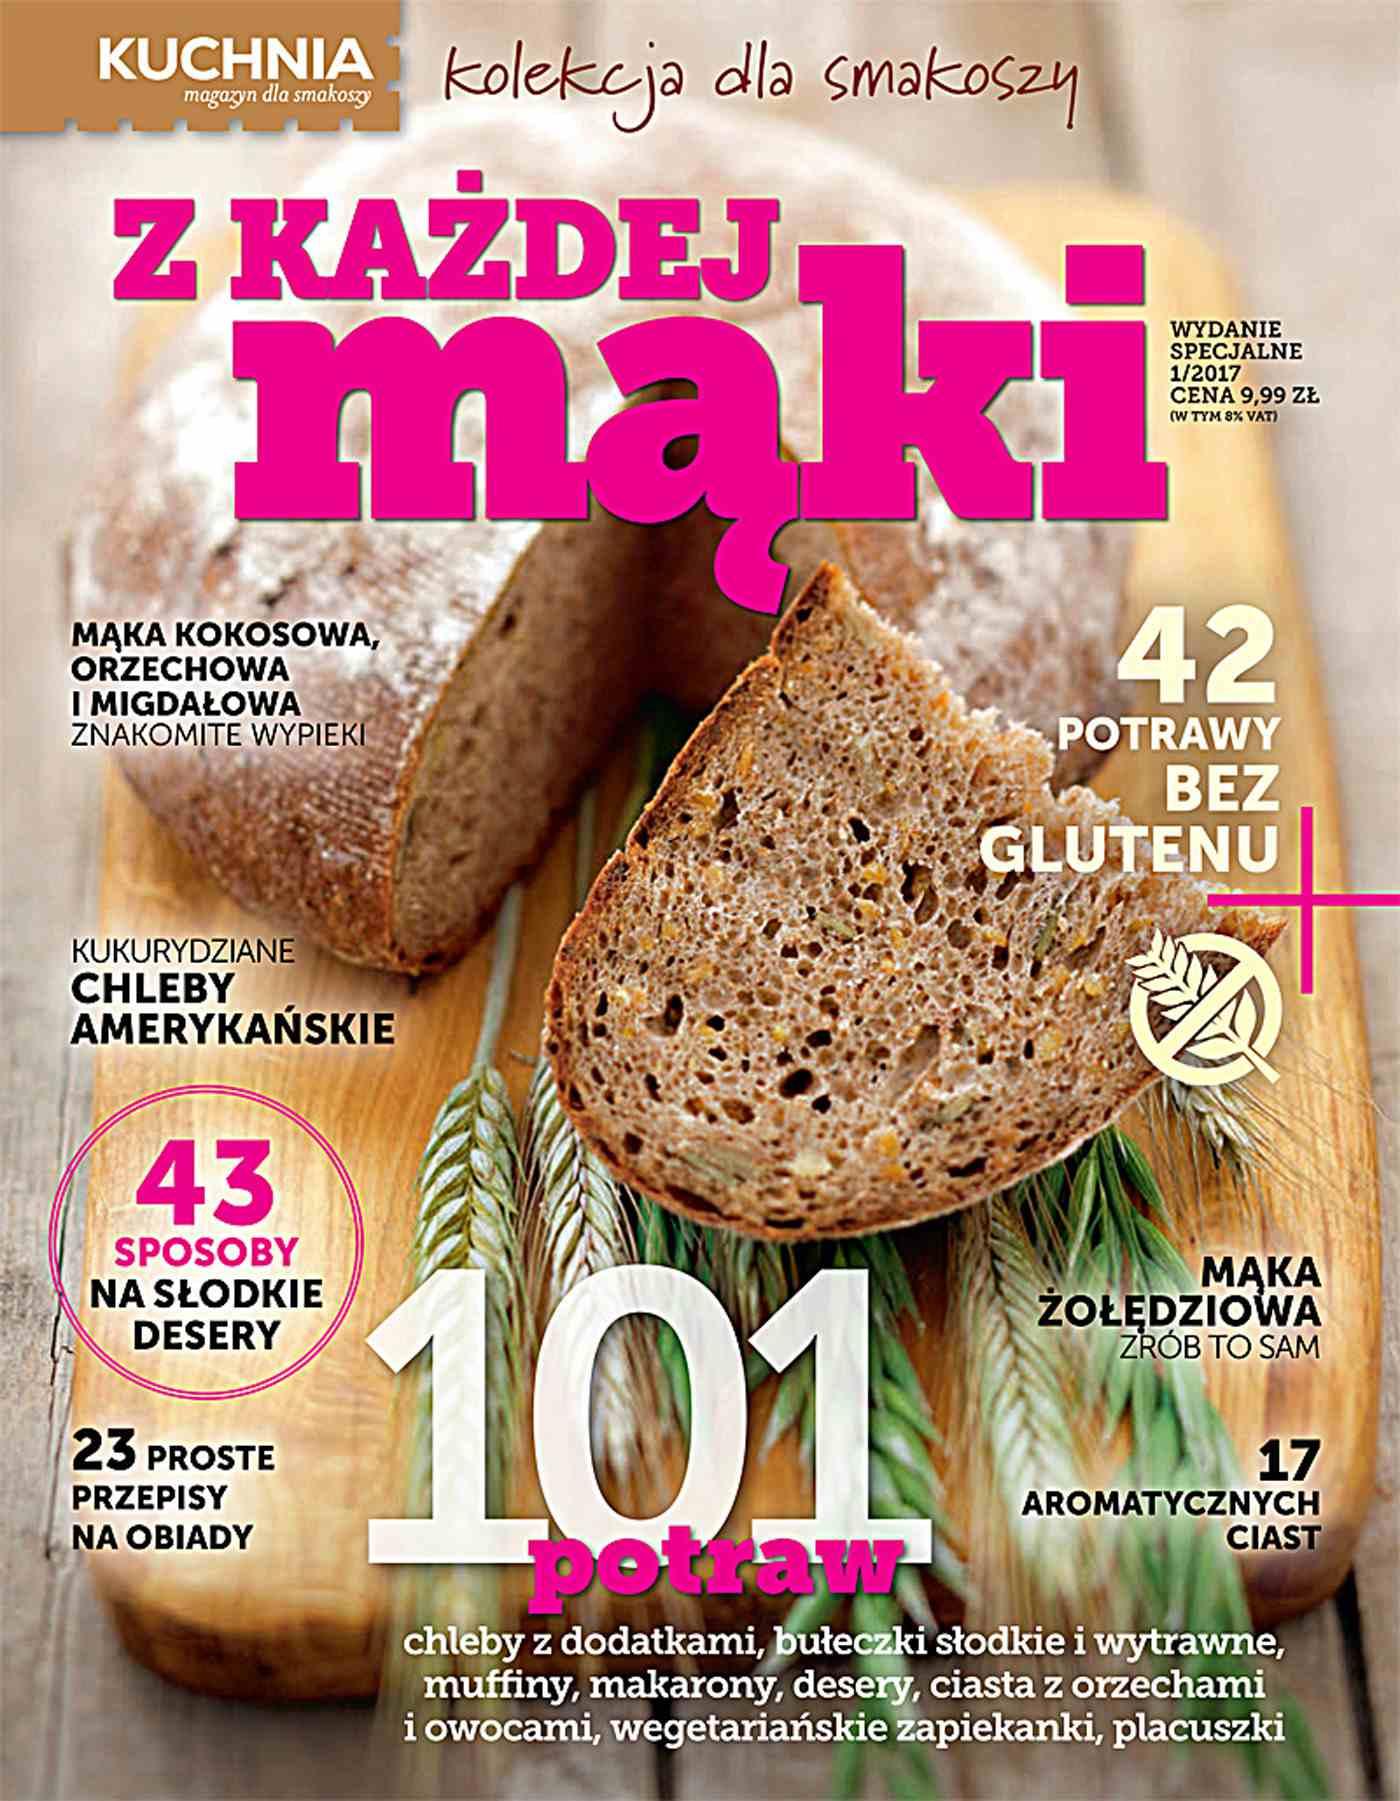 Kuchnia. Kolekcja dla smakoszy. Z każdej mąki - Ebook (Książka PDF) do pobrania w formacie PDF